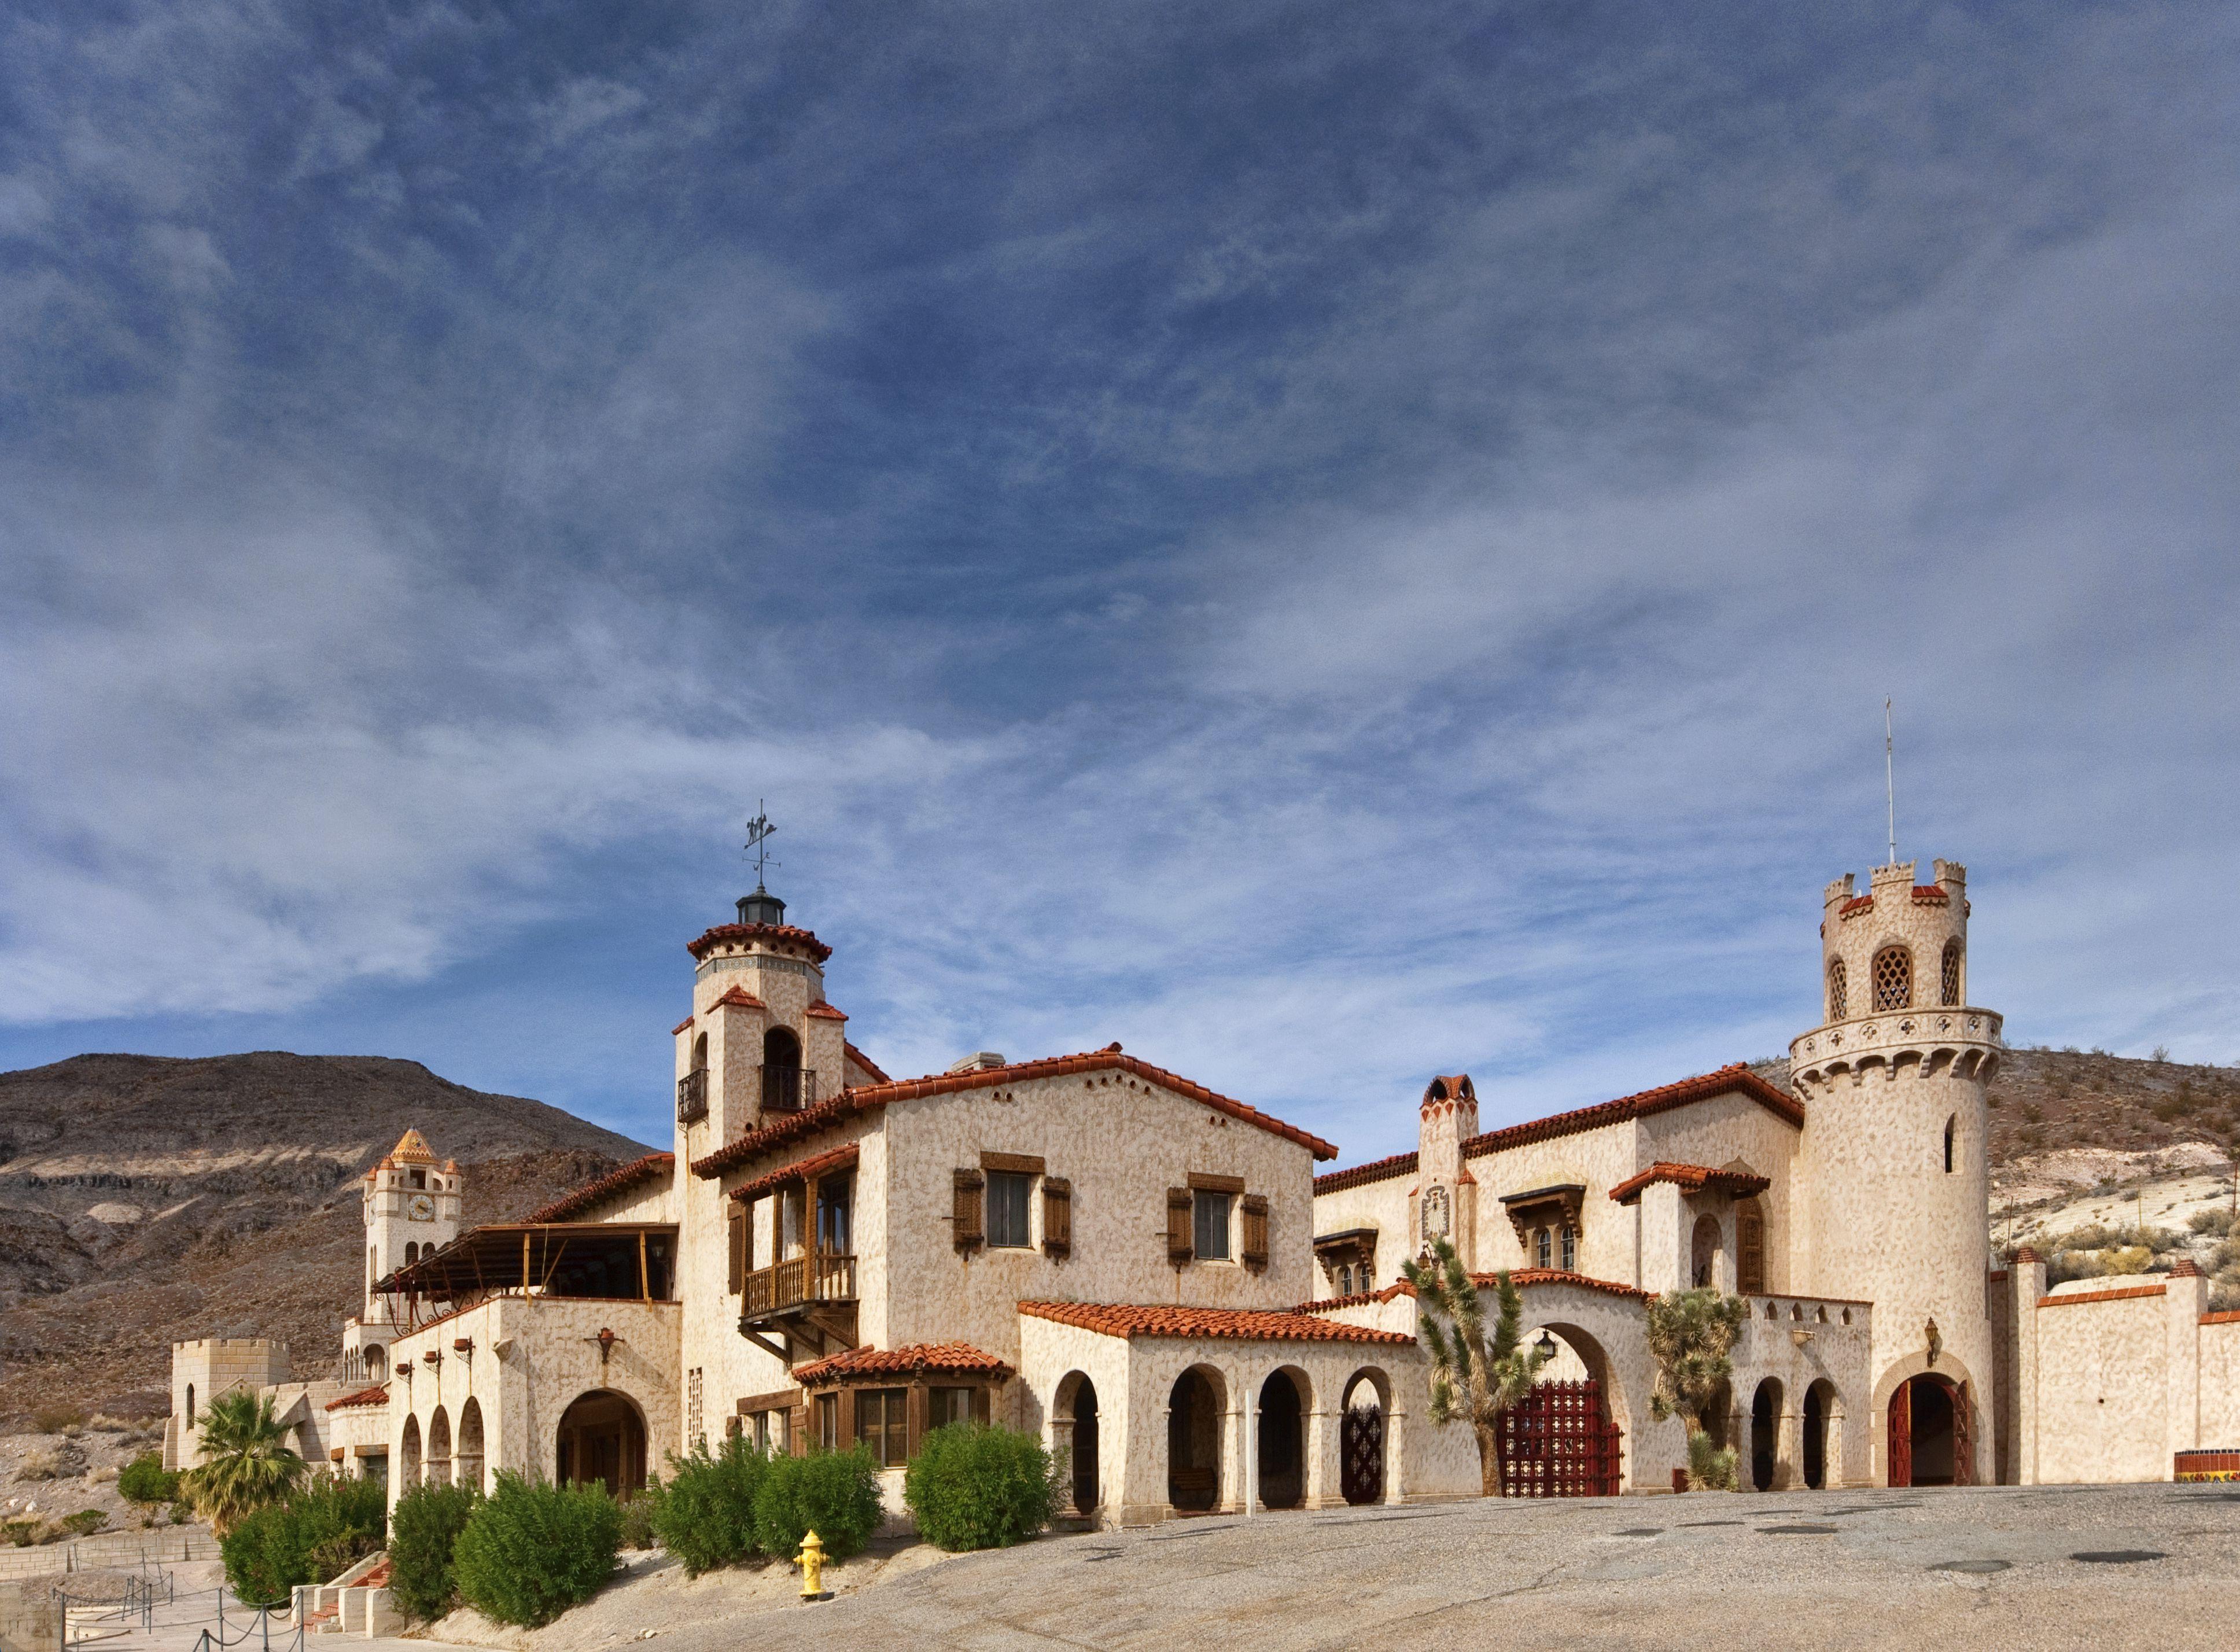 Scotty's Castle in Mojave Desert.